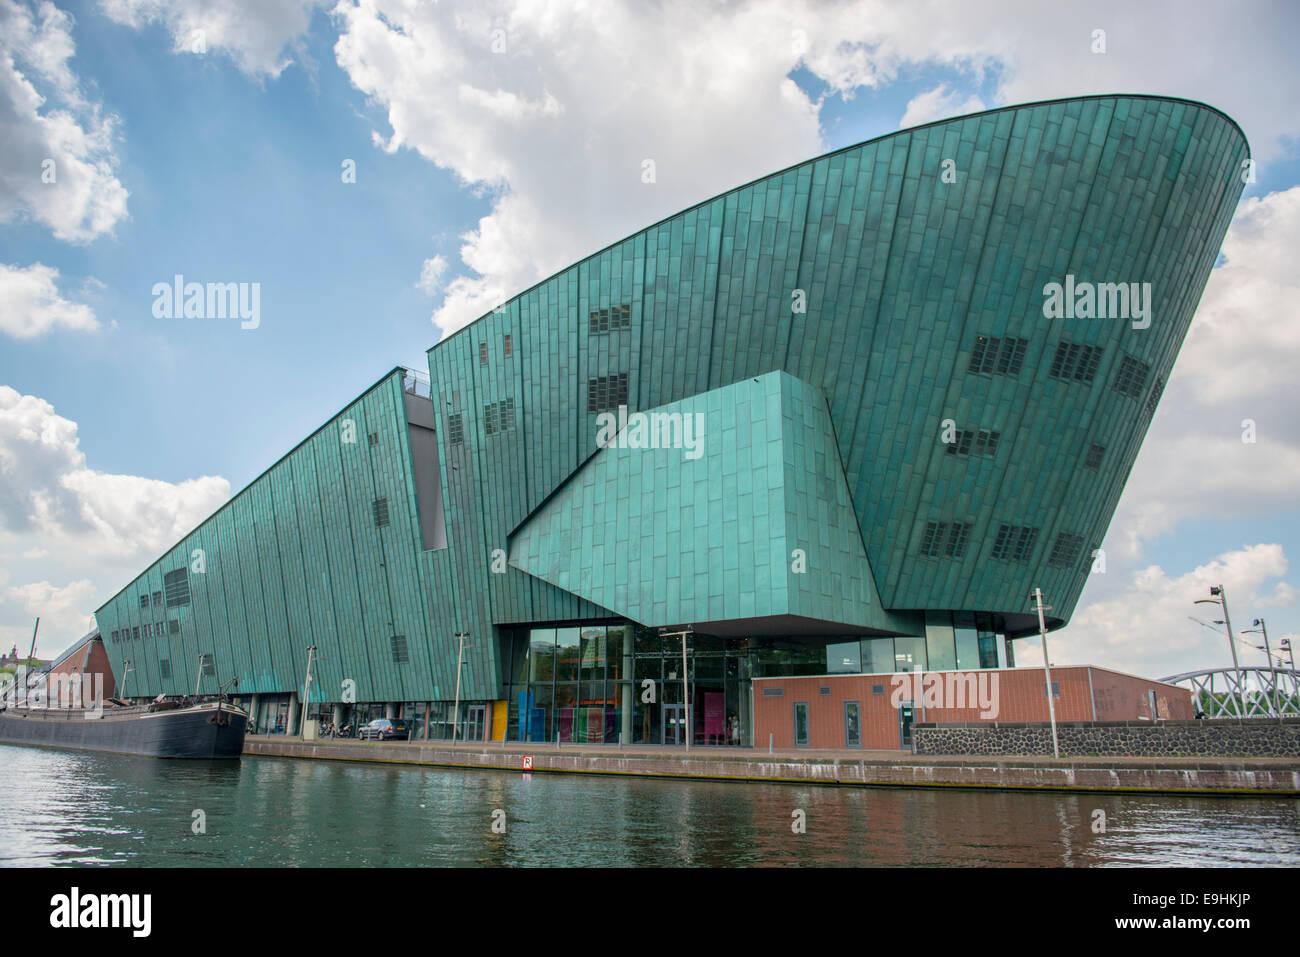 Nemo Science Museum, la nuova metropoli, Amsterdam, Paesi Bassi Immagini Stock